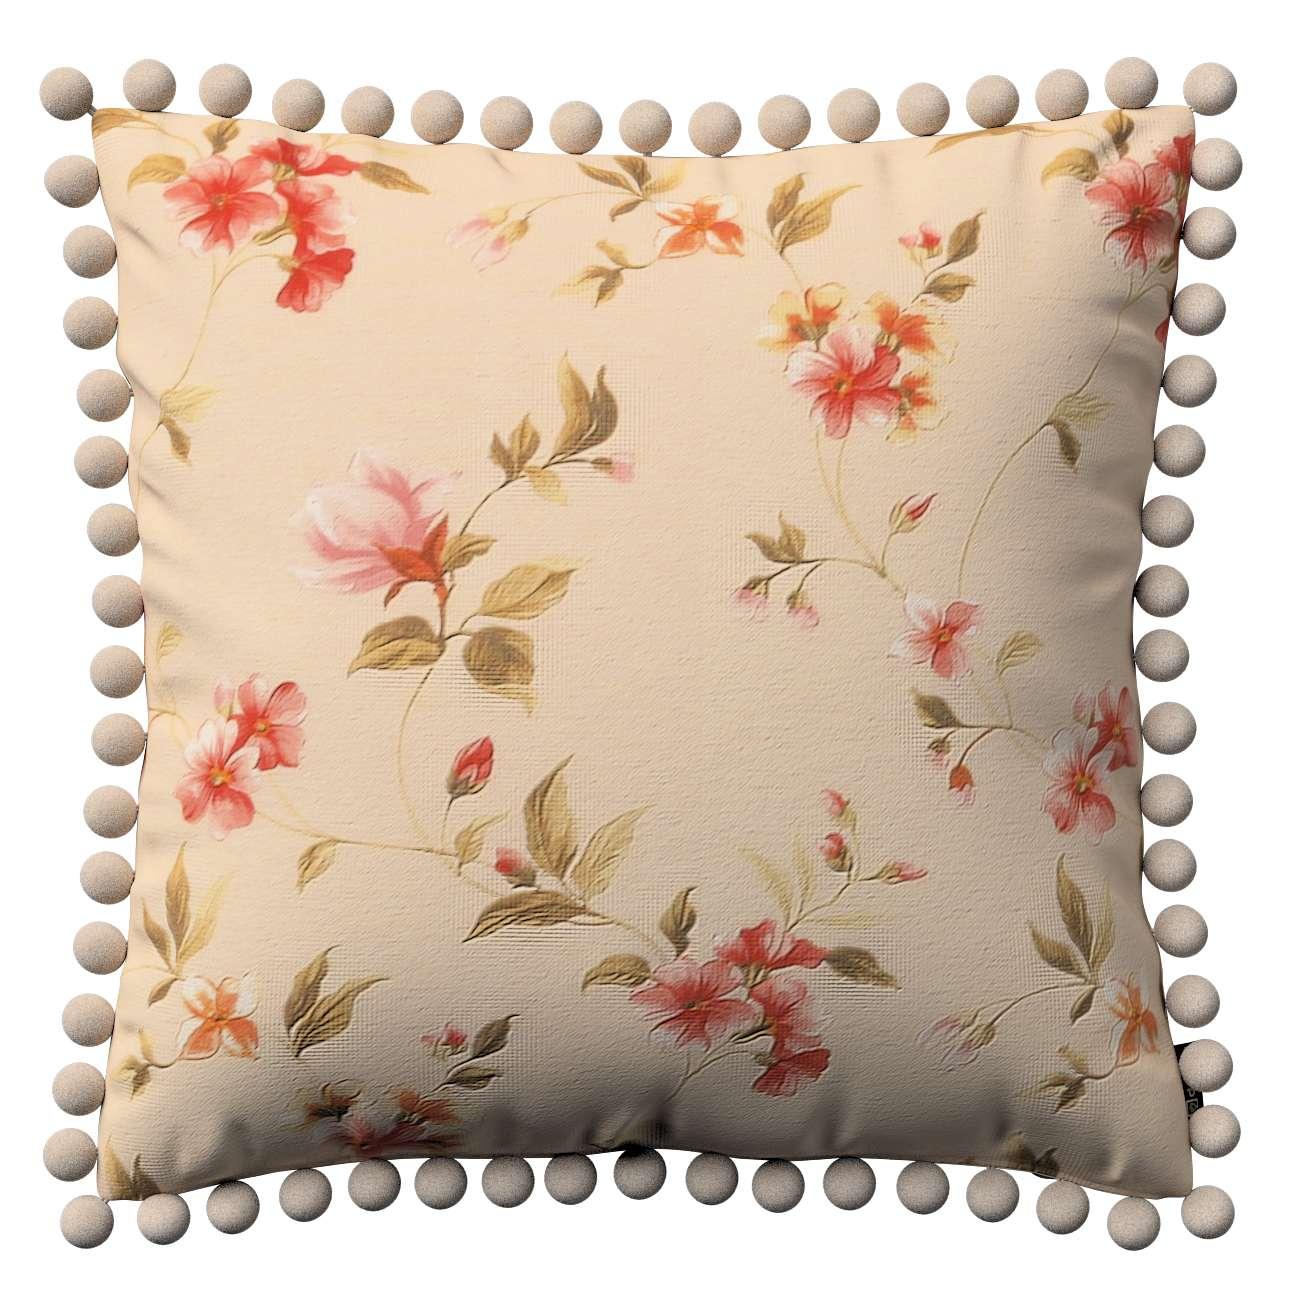 Wera dekoratyvinės pagalvėlės užvalkalas su žaismingais kraštais 45 x 45 cm kolekcijoje Londres, audinys: 124-05